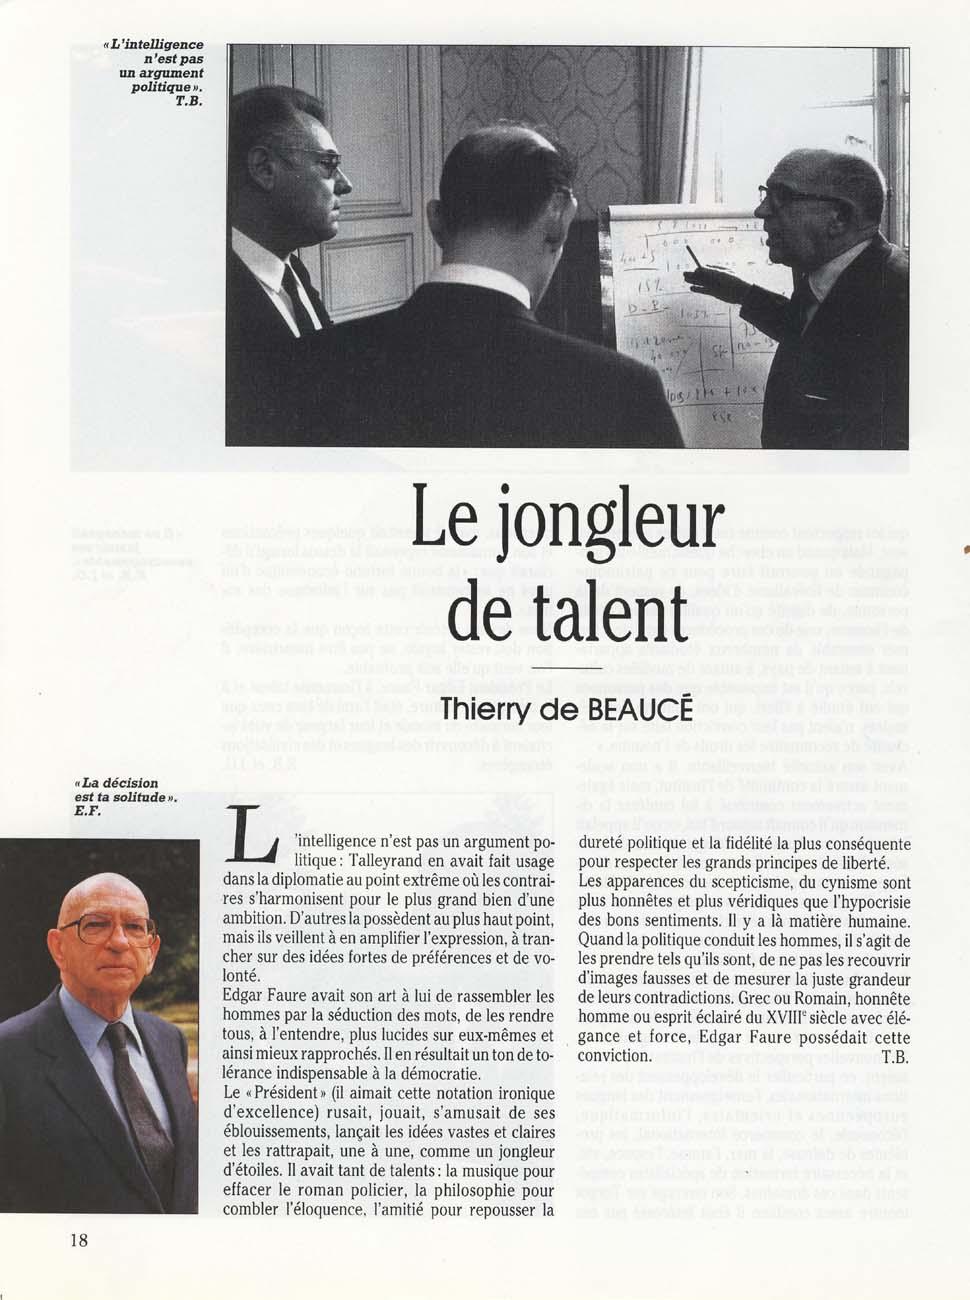 Le jongleur de talent (Thierry de Beaucé)